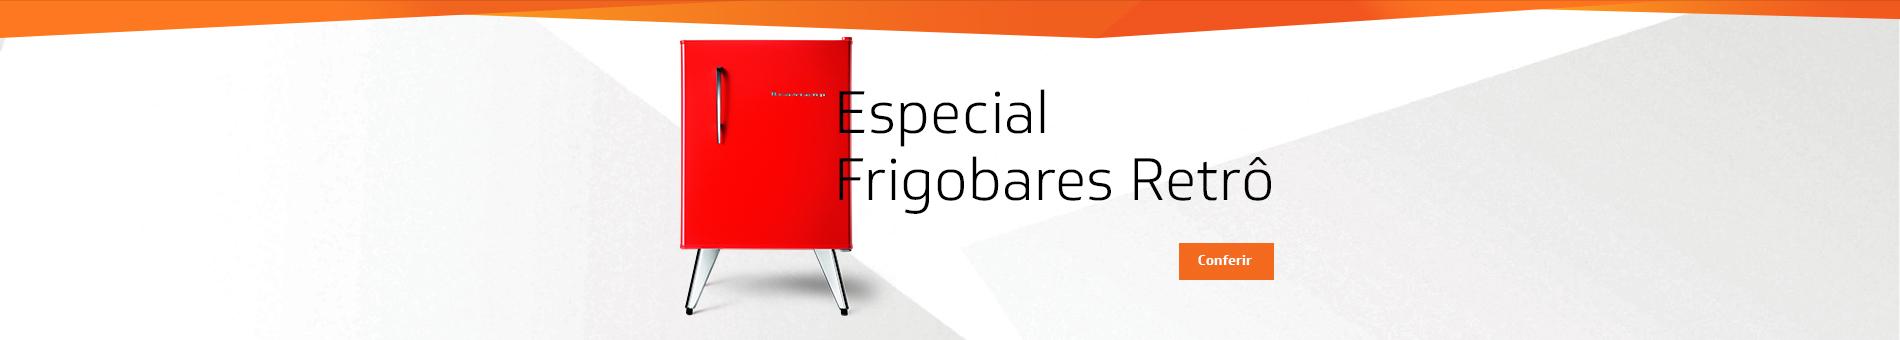 Especial Frigobares Retrô